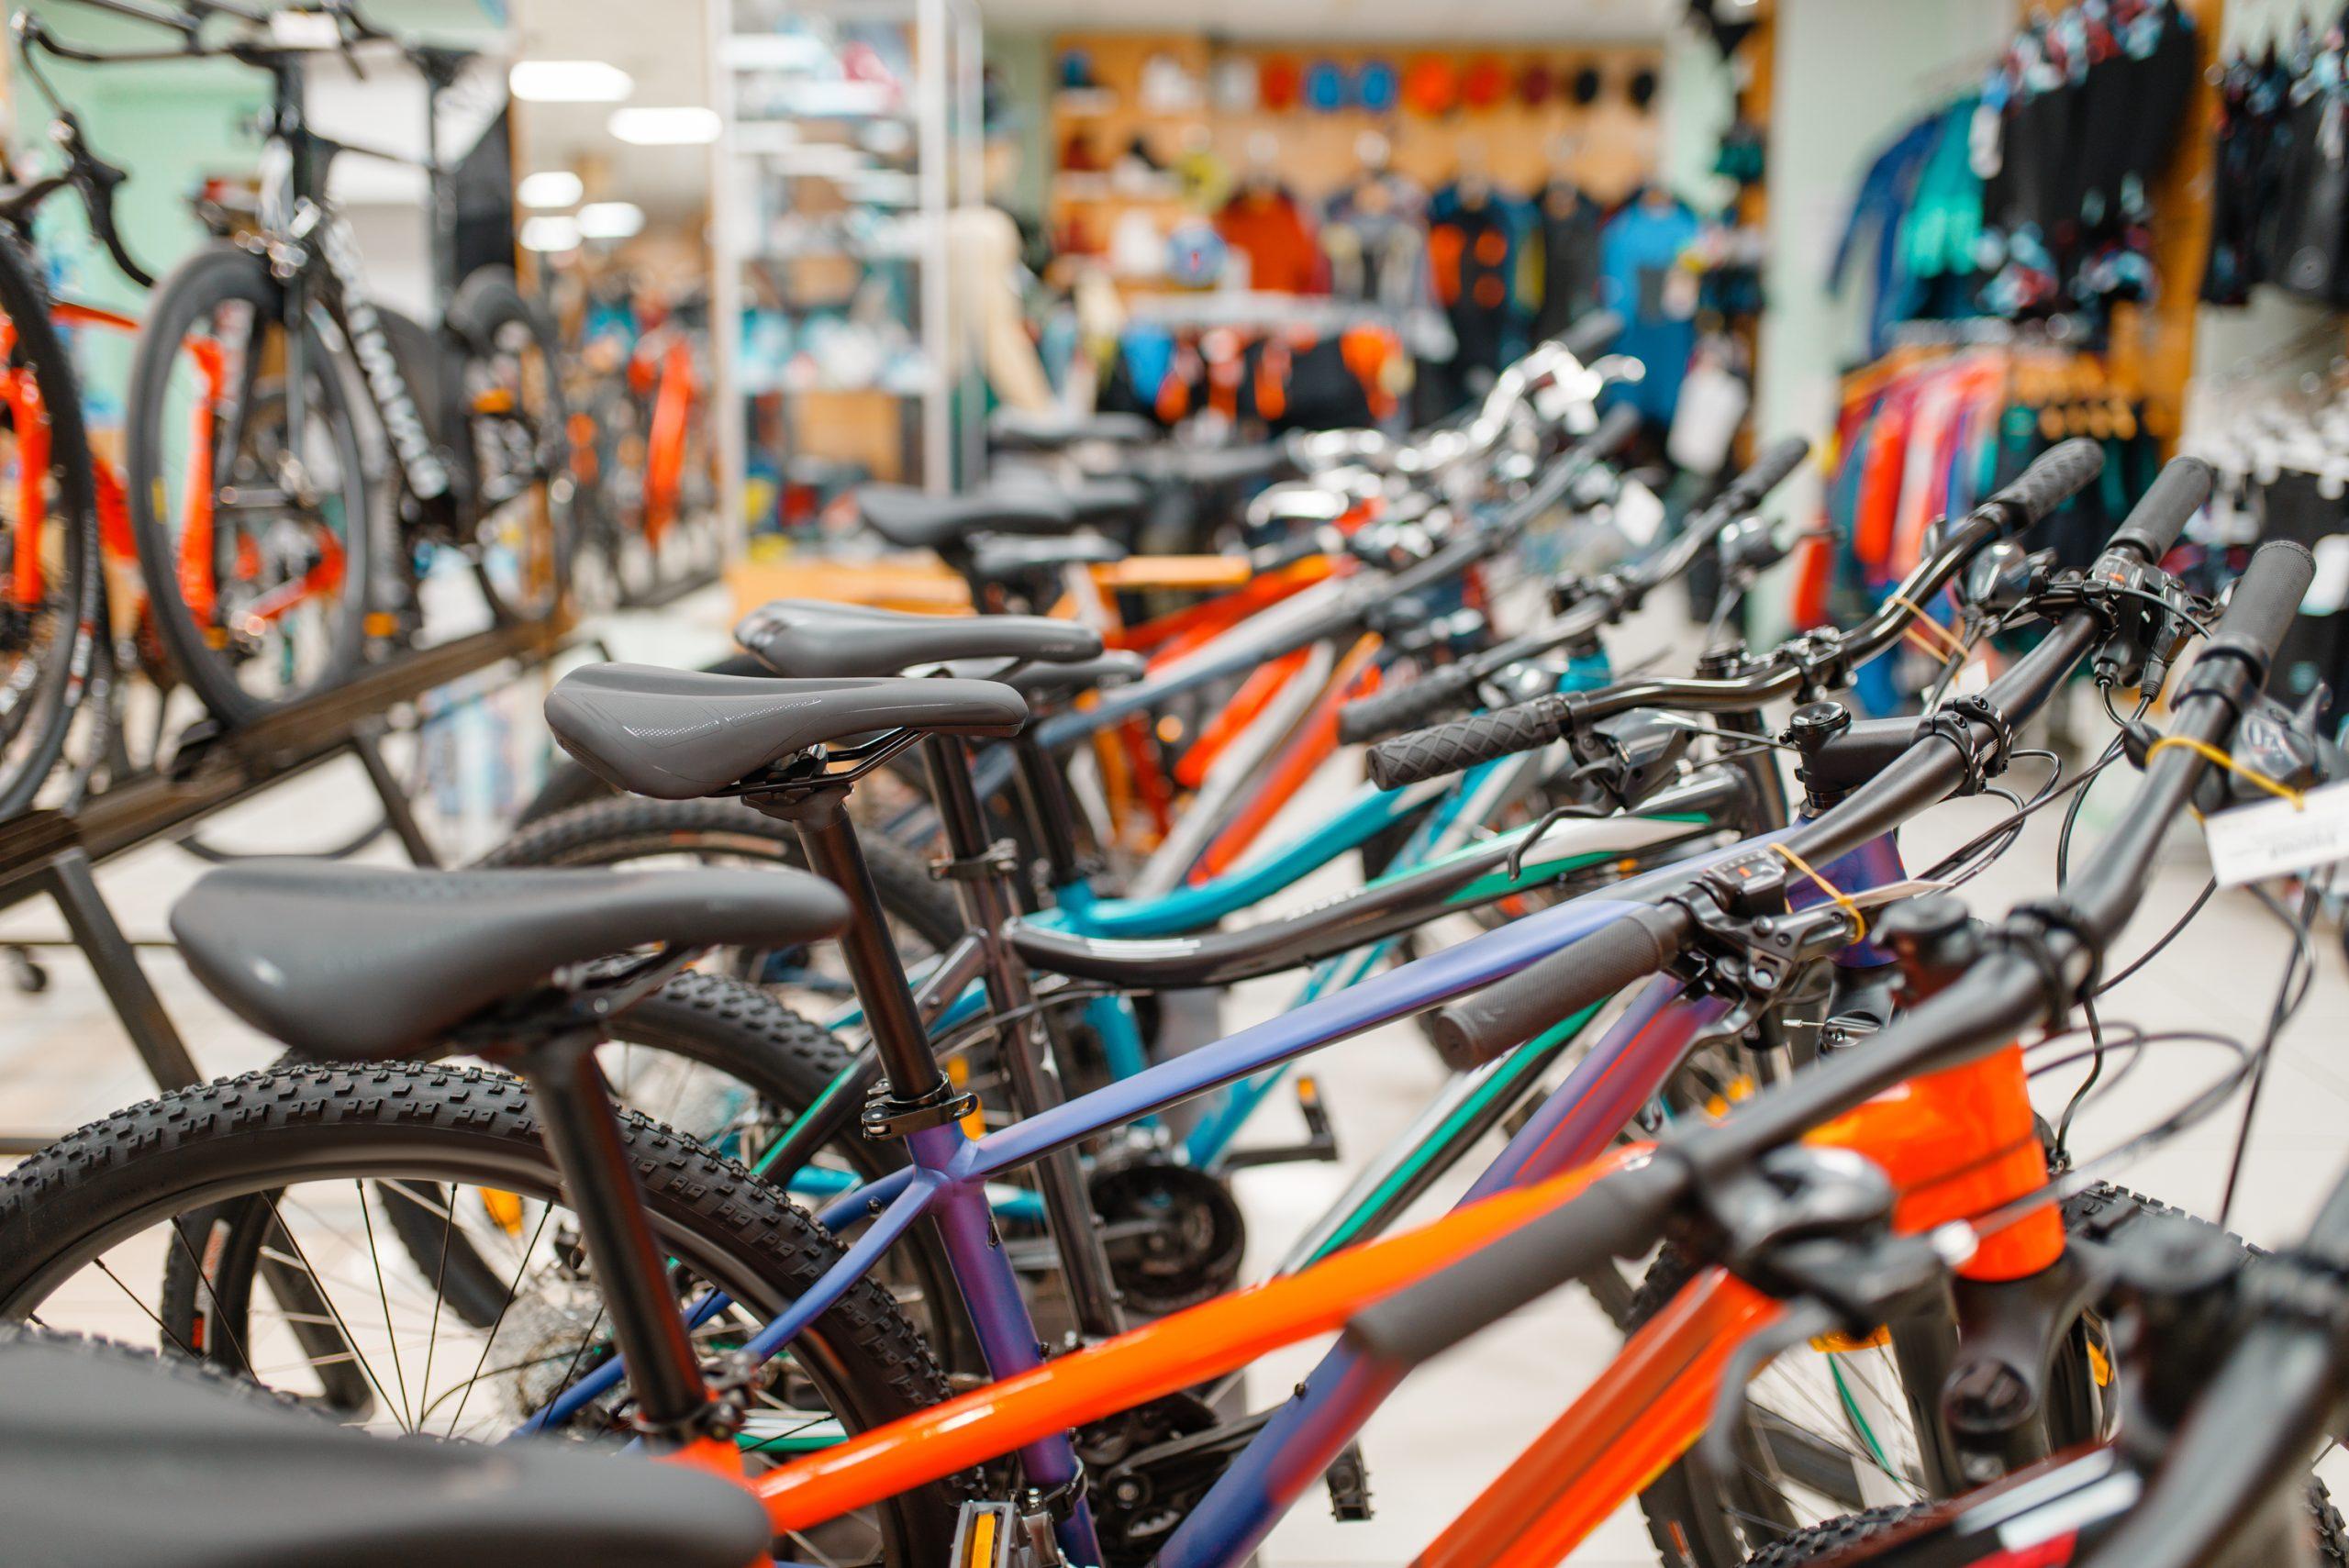 Row of bikes in bike shop